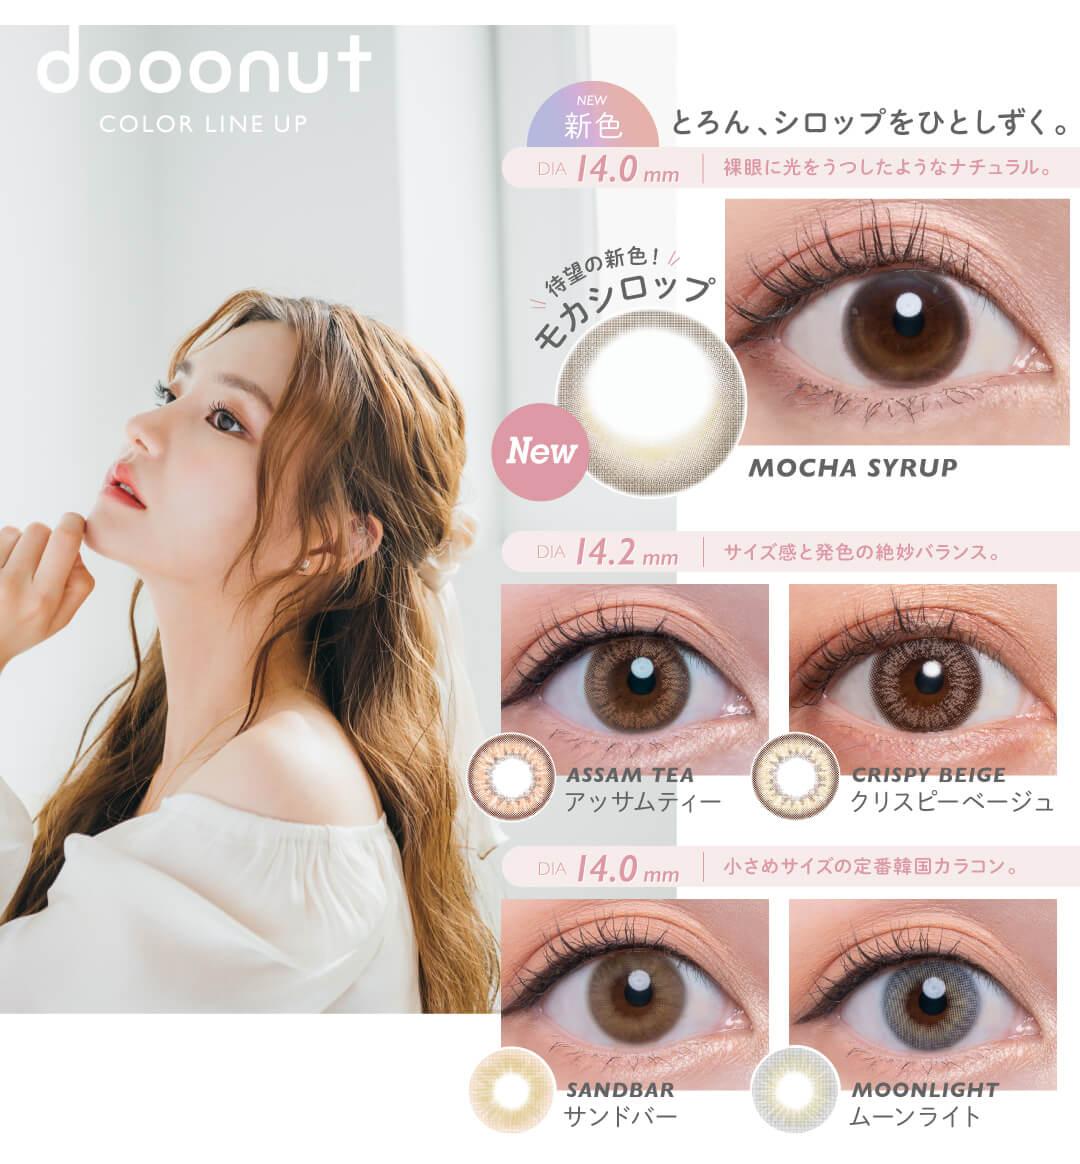 韓国カラコン「dooonut(ドーナツ)」は全5色のカラーラインナップ!